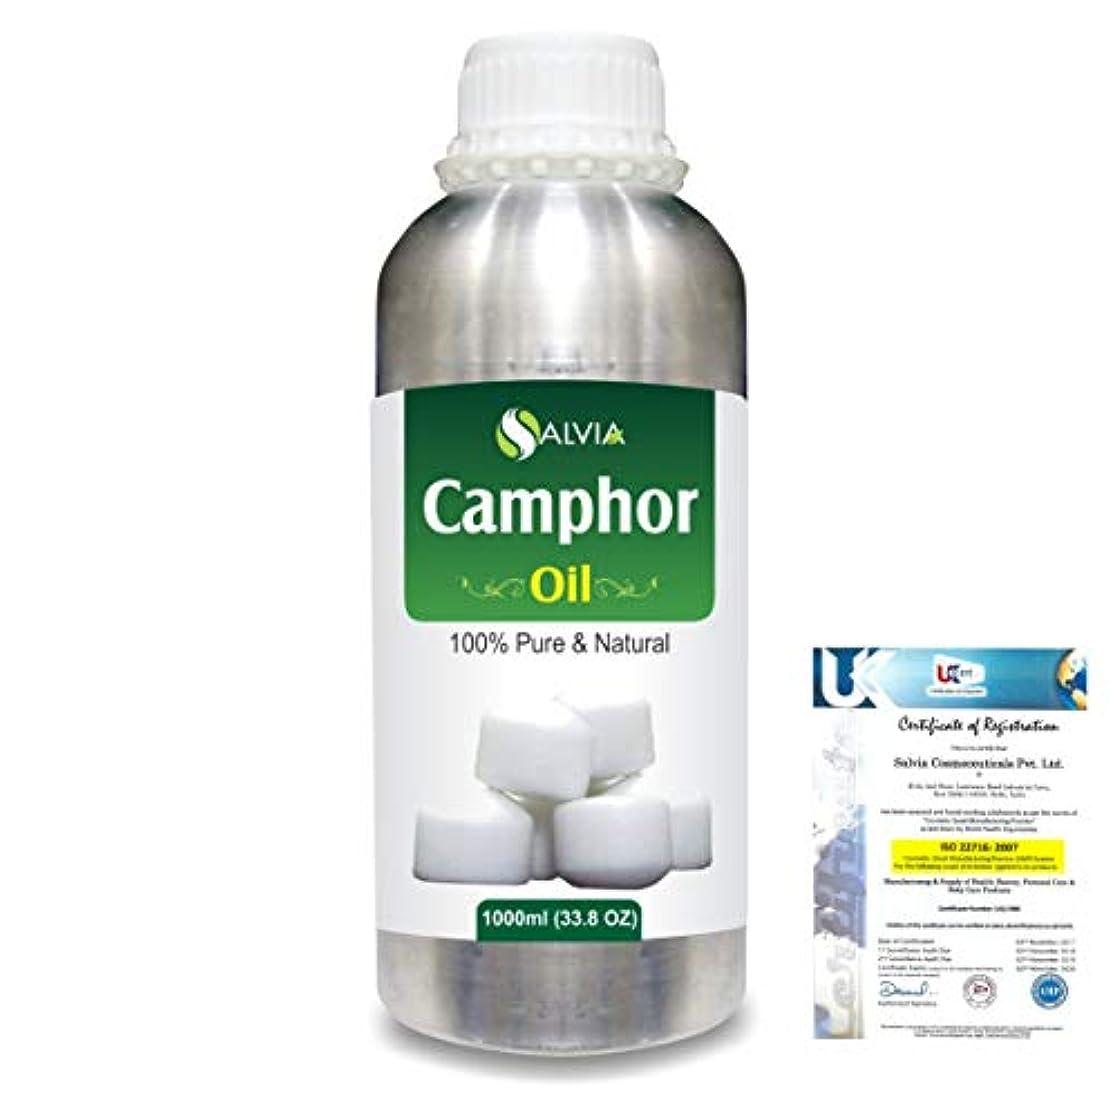 縮約スポーツクレアCamphor (Cinnamonutn camphora) 100% Natural Pure Essential Oil 1000ml/33.8fl.oz.